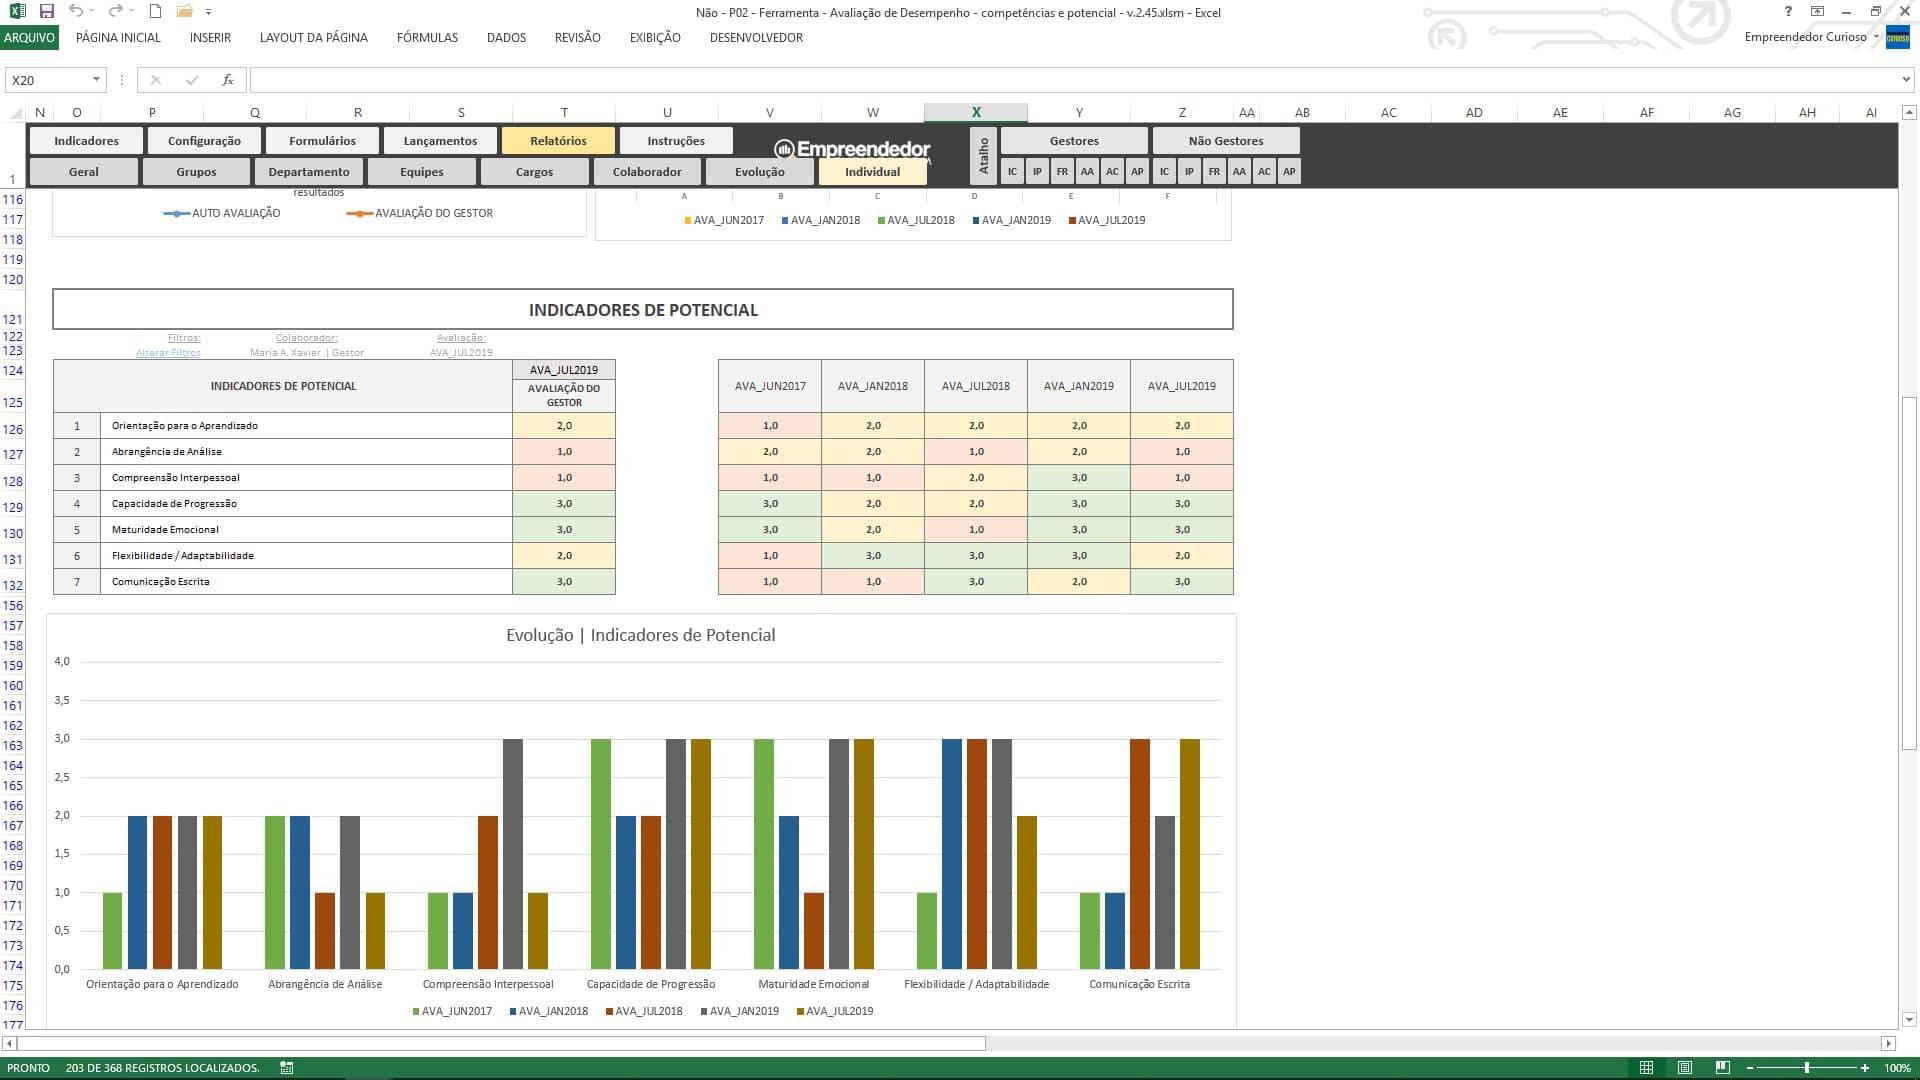 Planilha de avaliação de desempenho de funcionário - Relatório Individual - Indicadores de Potencial